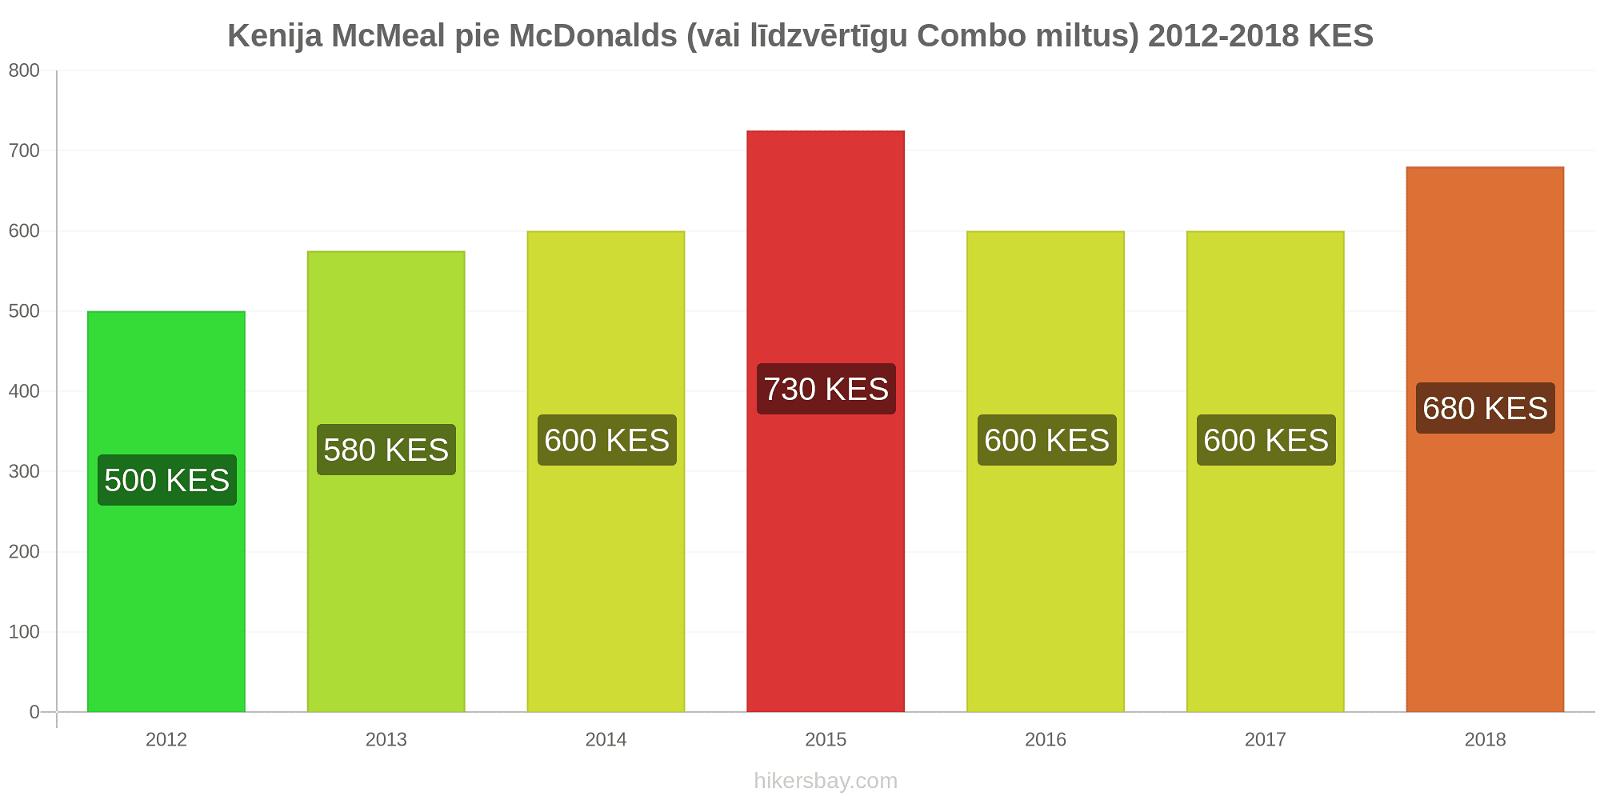 Kenija cenu izmaiņas McMeal pie McDonalds (vai līdzvērtīgu Combo miltus) hikersbay.com